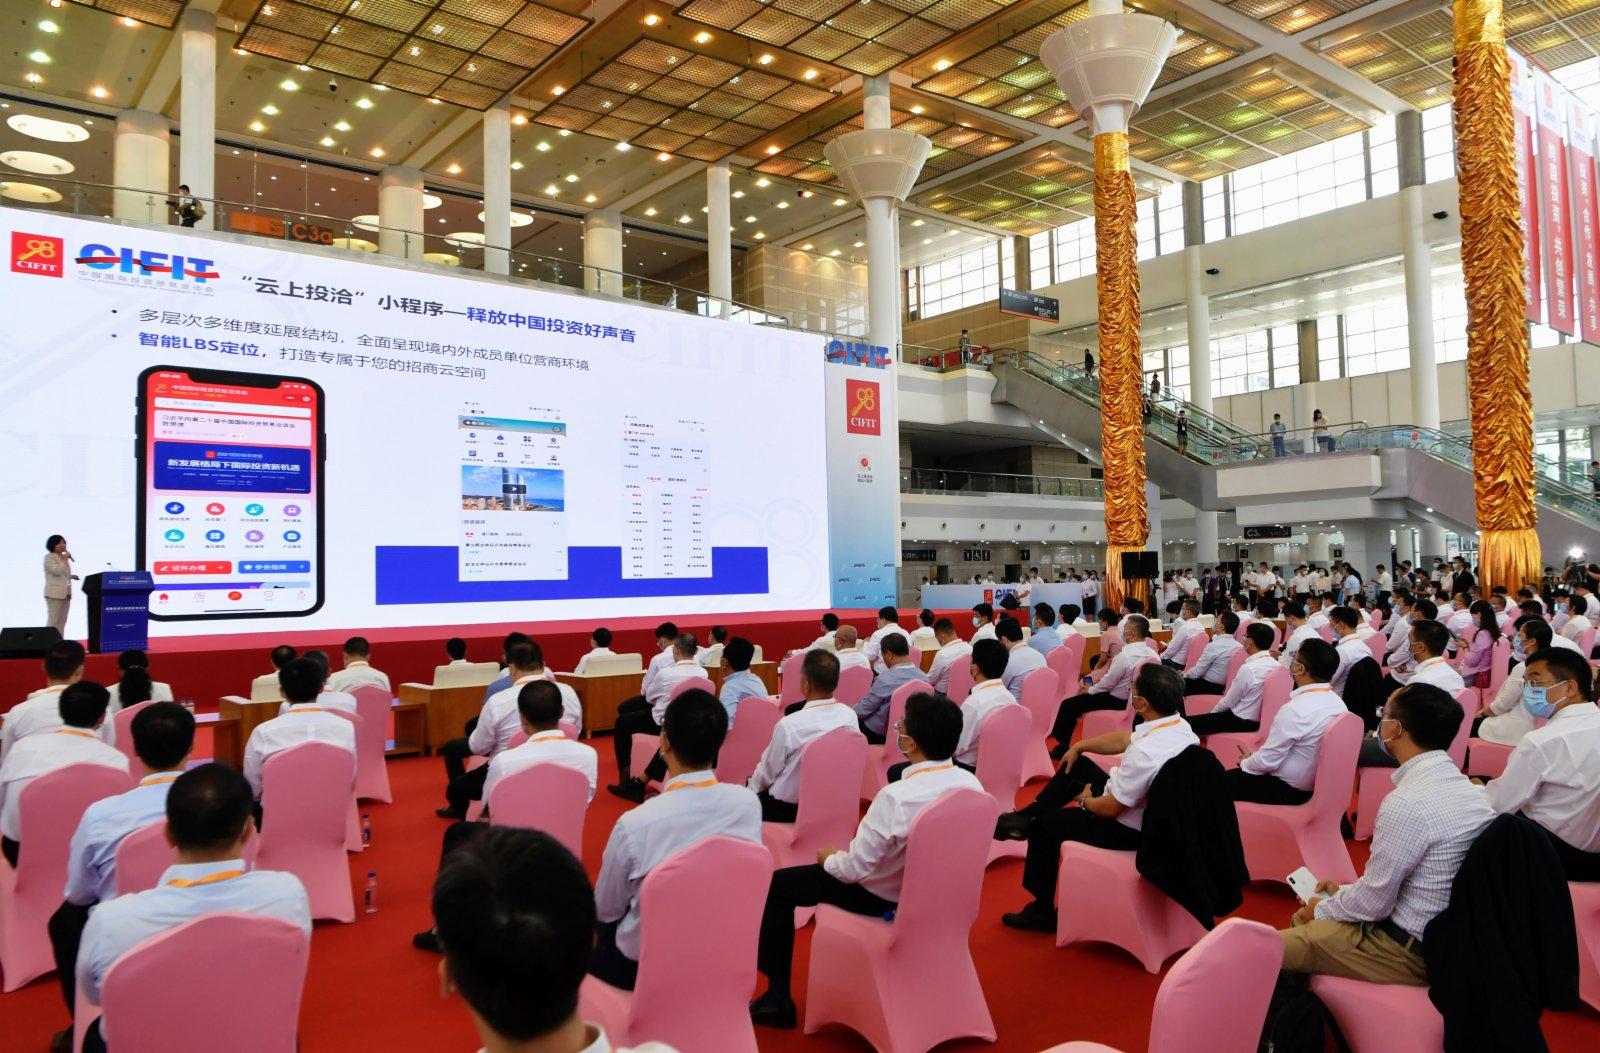 在第二十一屆中國國際投資貿易洽談會展館現場,與會嘉賓在了解「雲上投洽」程序,通過雲上進行投資貿易。(新華社)